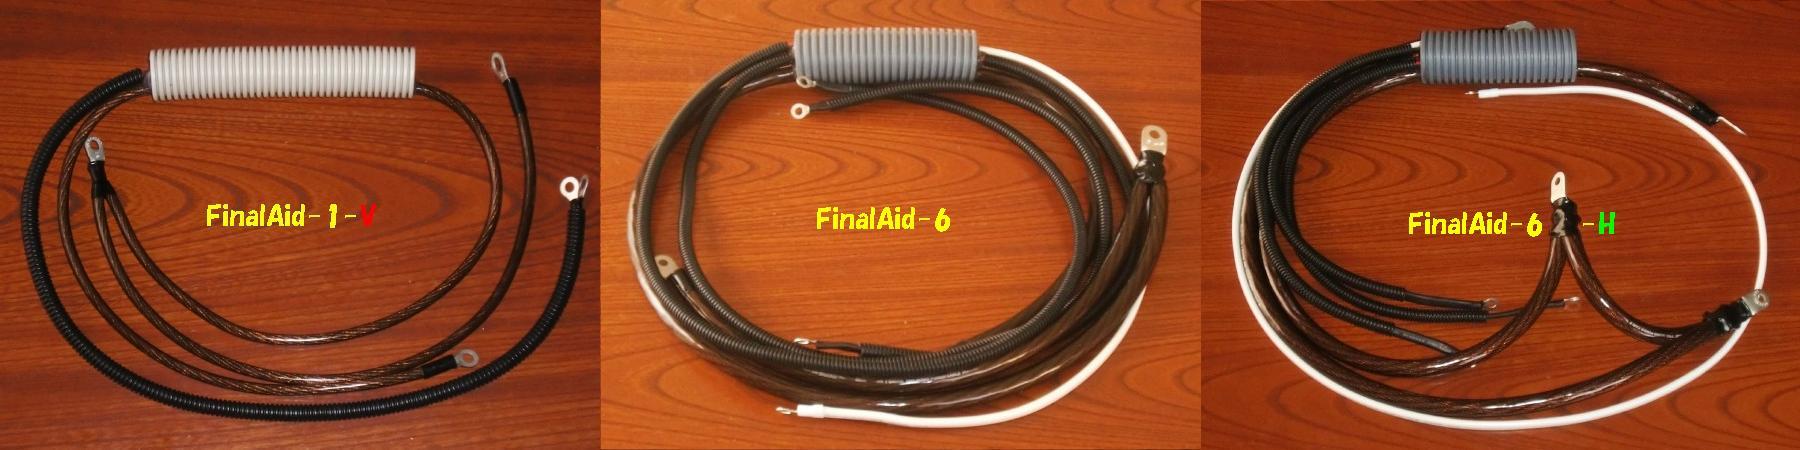 汎用ZチューンのベースのFinalAid-6(Hybrid車強化:FinalAid-6-H)、FinalAid-1-V(バイク専用)です♪